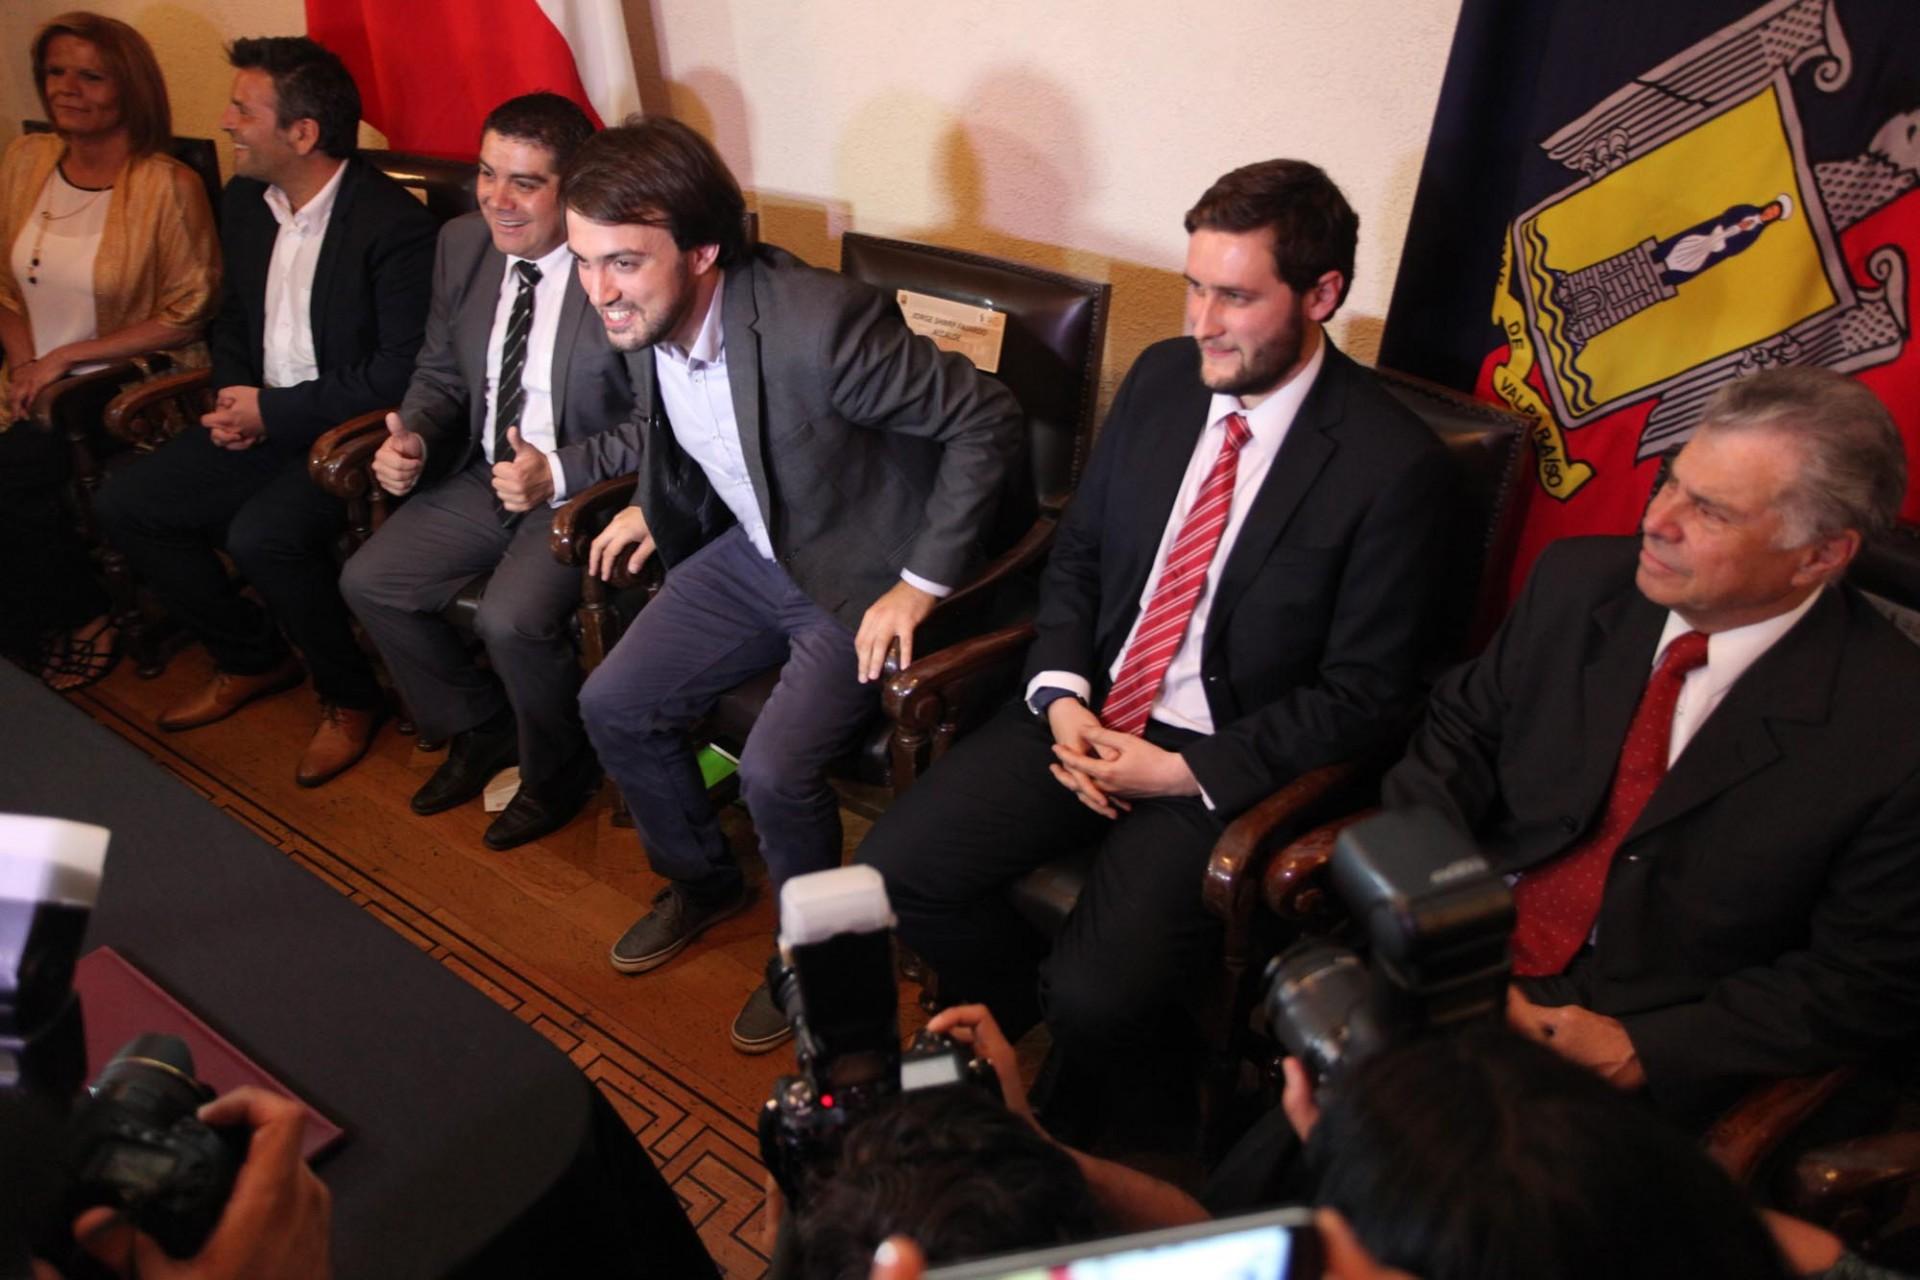 Llegó el momento del ciudadano Sharp. Sobre sus hombros las expectativas de miles de porteños que esperan que el nuevo alcalde y su equipo estén a la altura de los desafíos de Valparaíso y que la participación ciudadana no se quede sólo en una promesa.